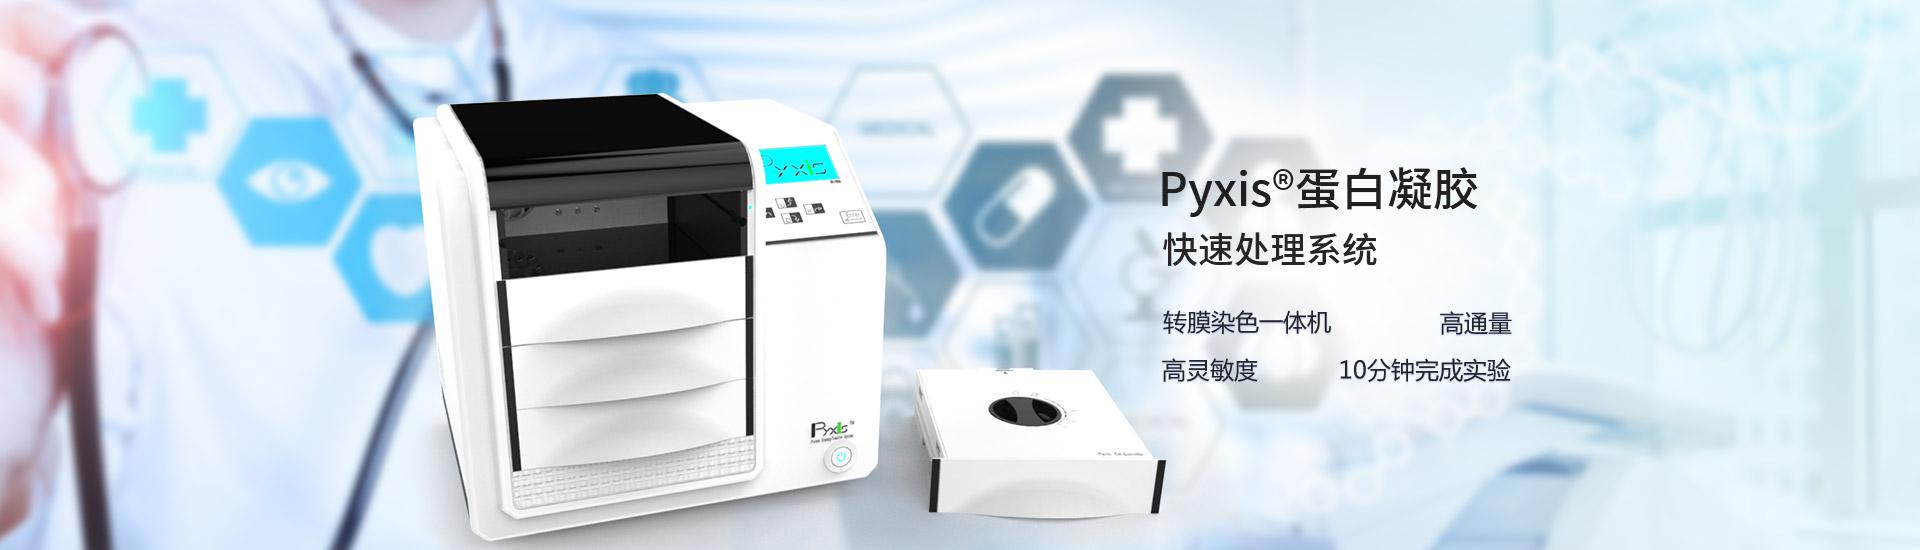 蛋白凝胶快速转膜仪、染色仪